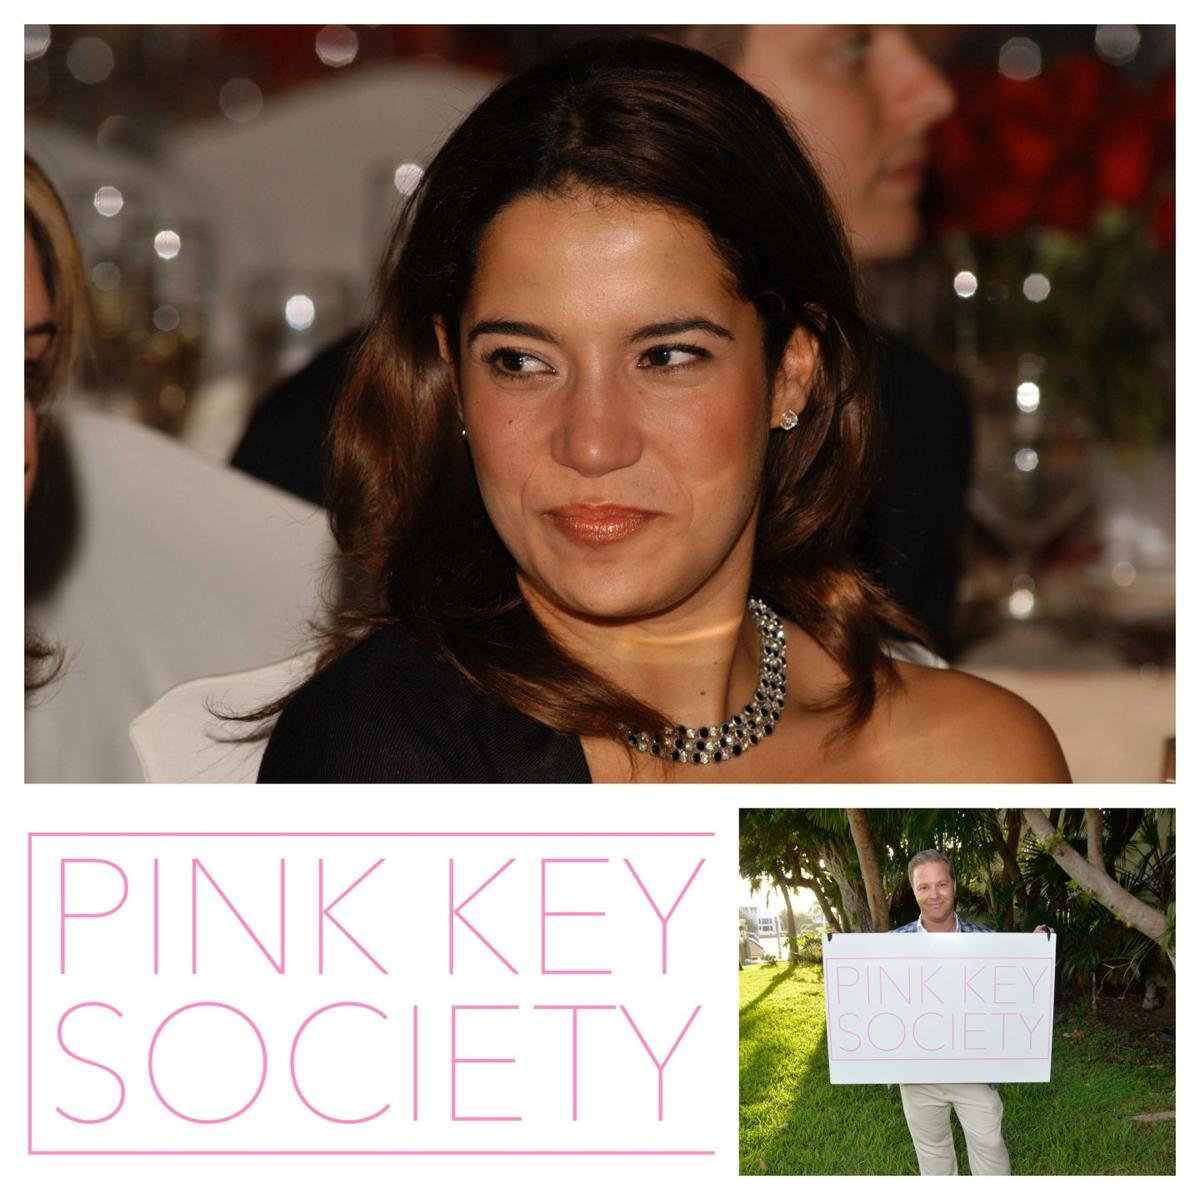 Pink Key Society